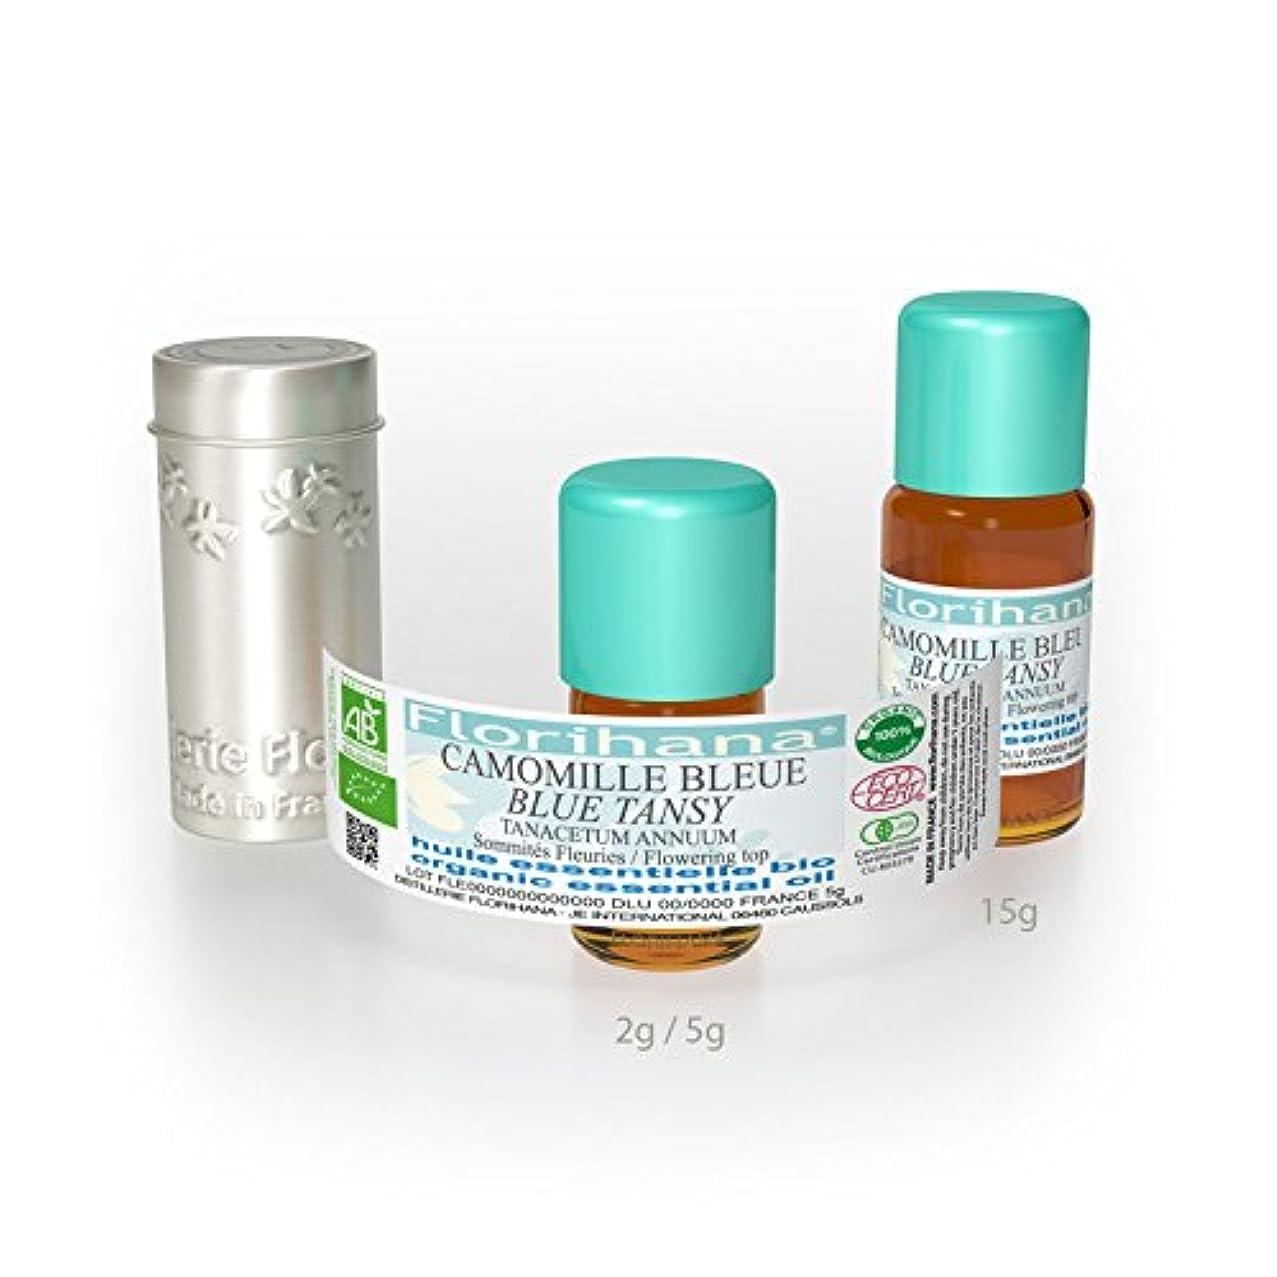 チューリップ免疫するプライムオーガニック エッセンシャルオイル タナセタム ブルーカモミール 5g(5.6ml)